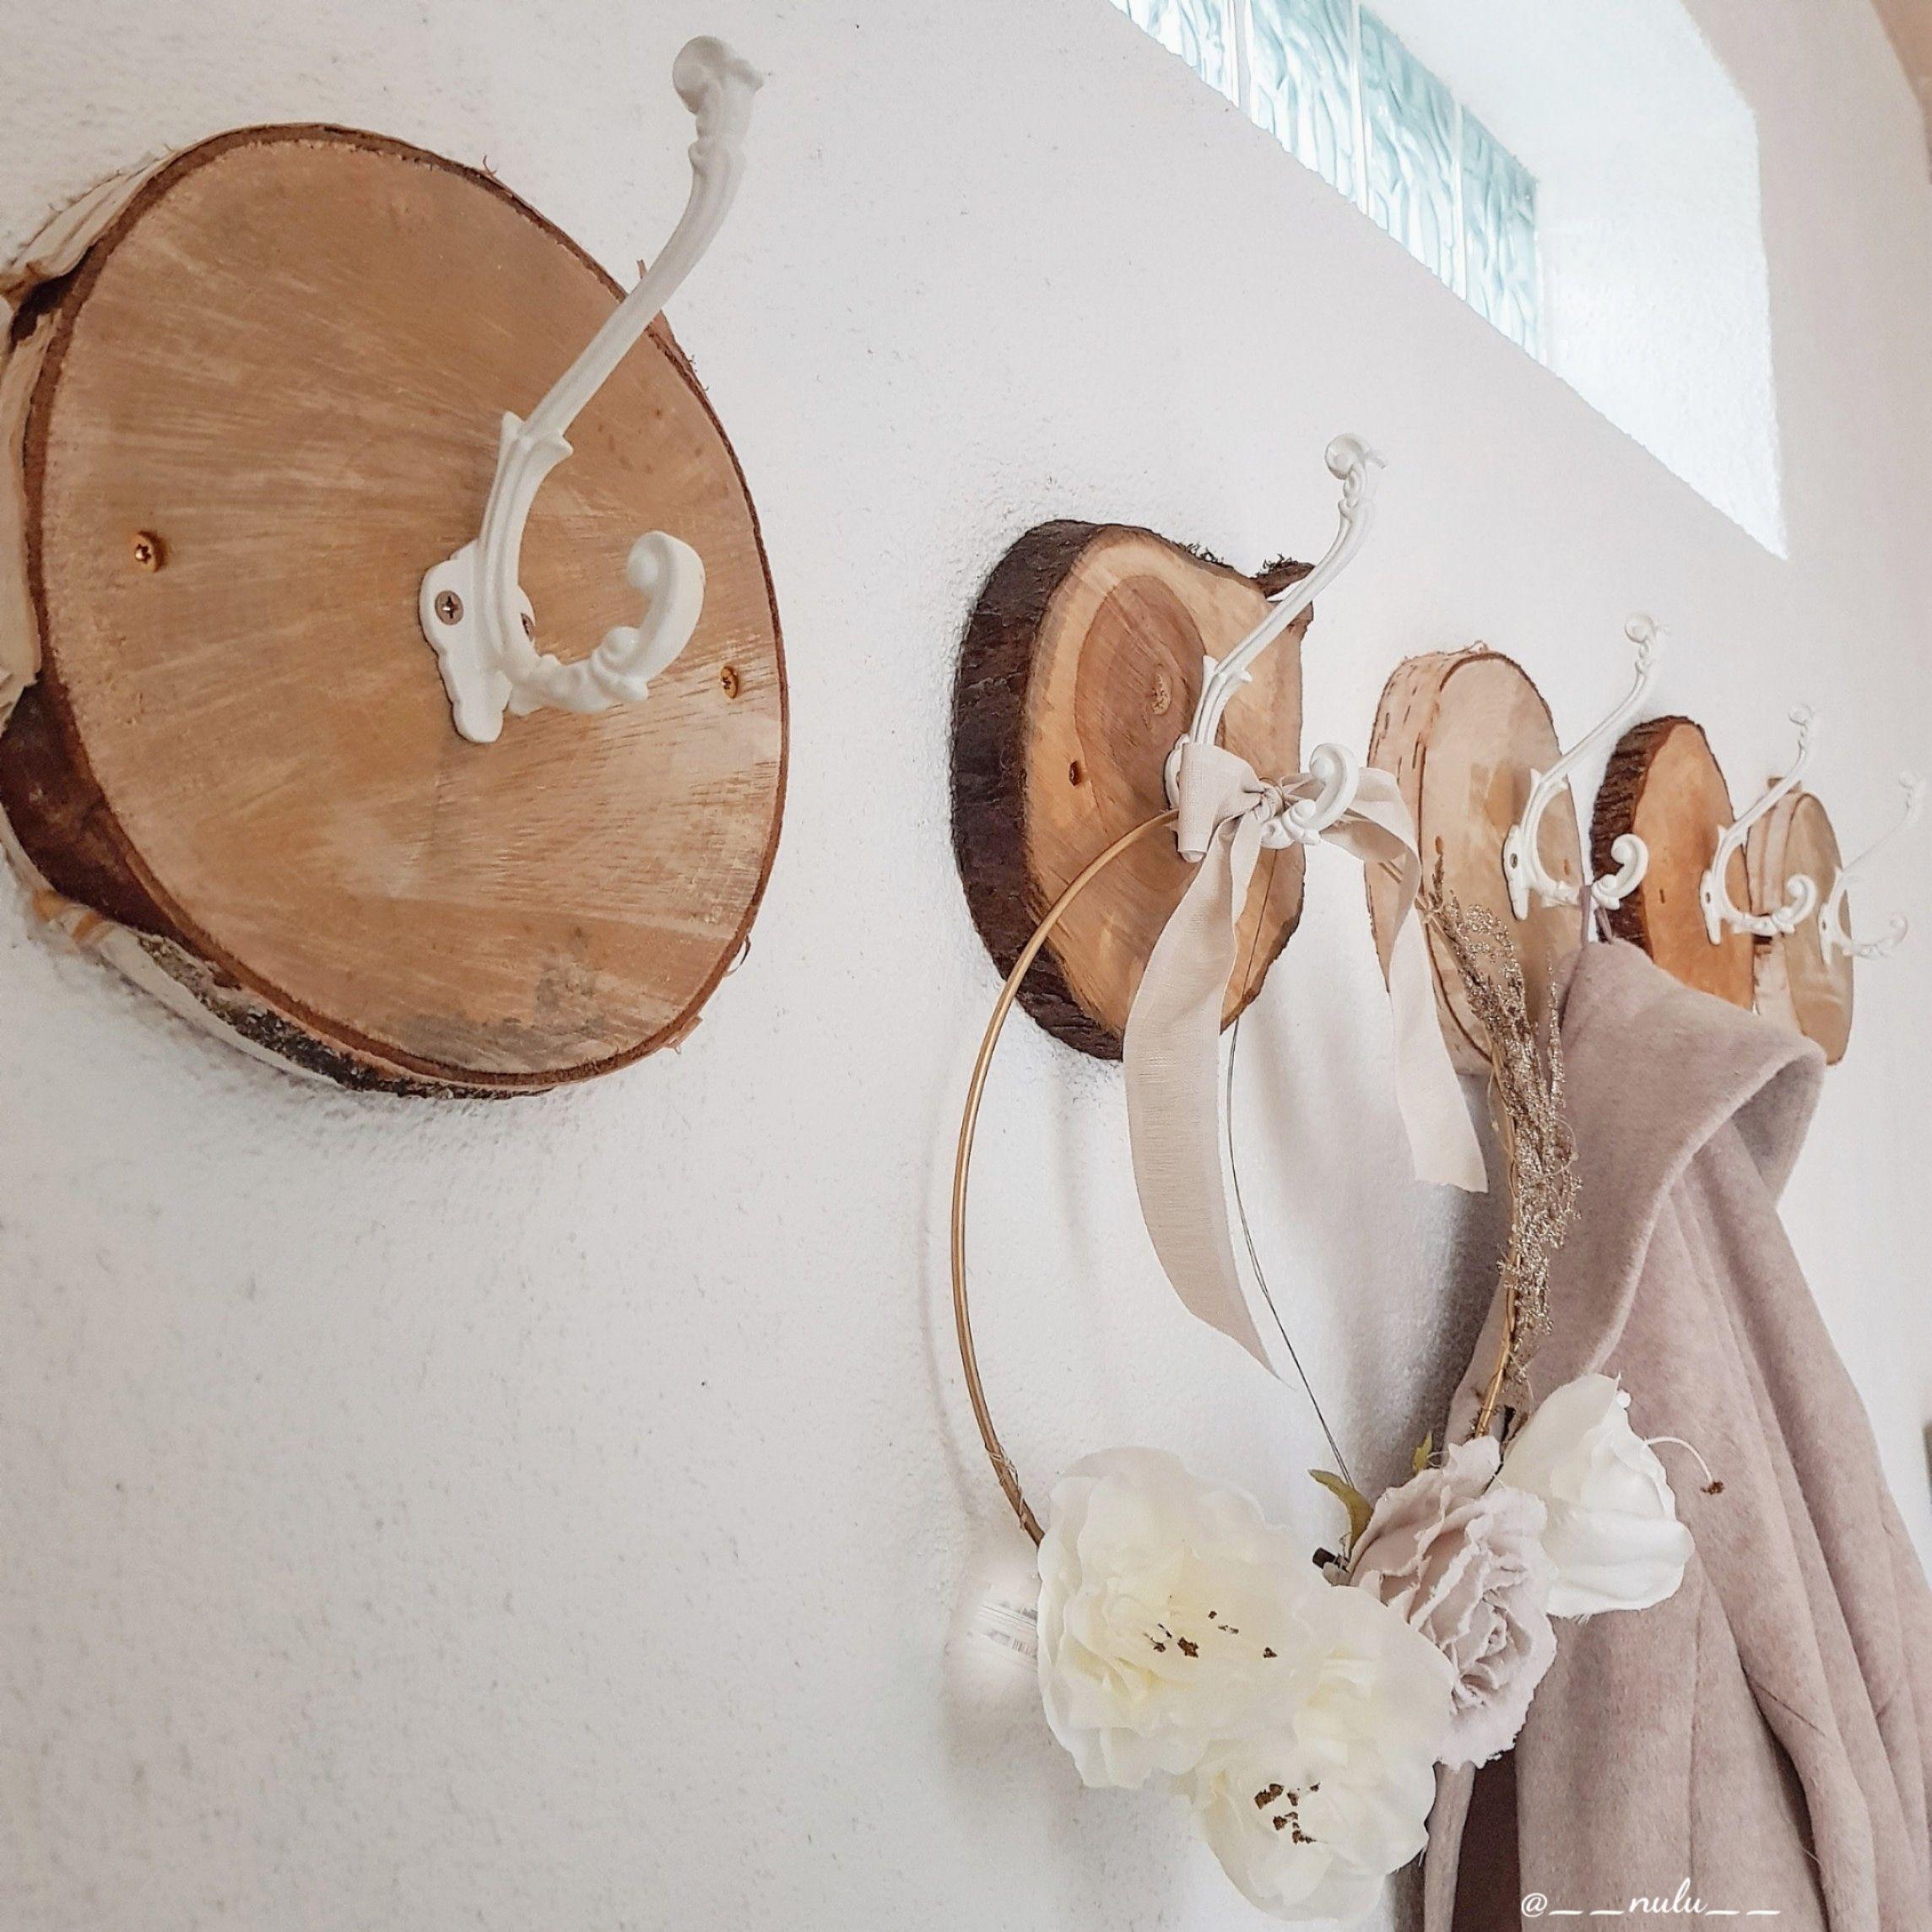 Birkenscheiben Garderobe – Birkenstamm-Garderoben von Birkendoc